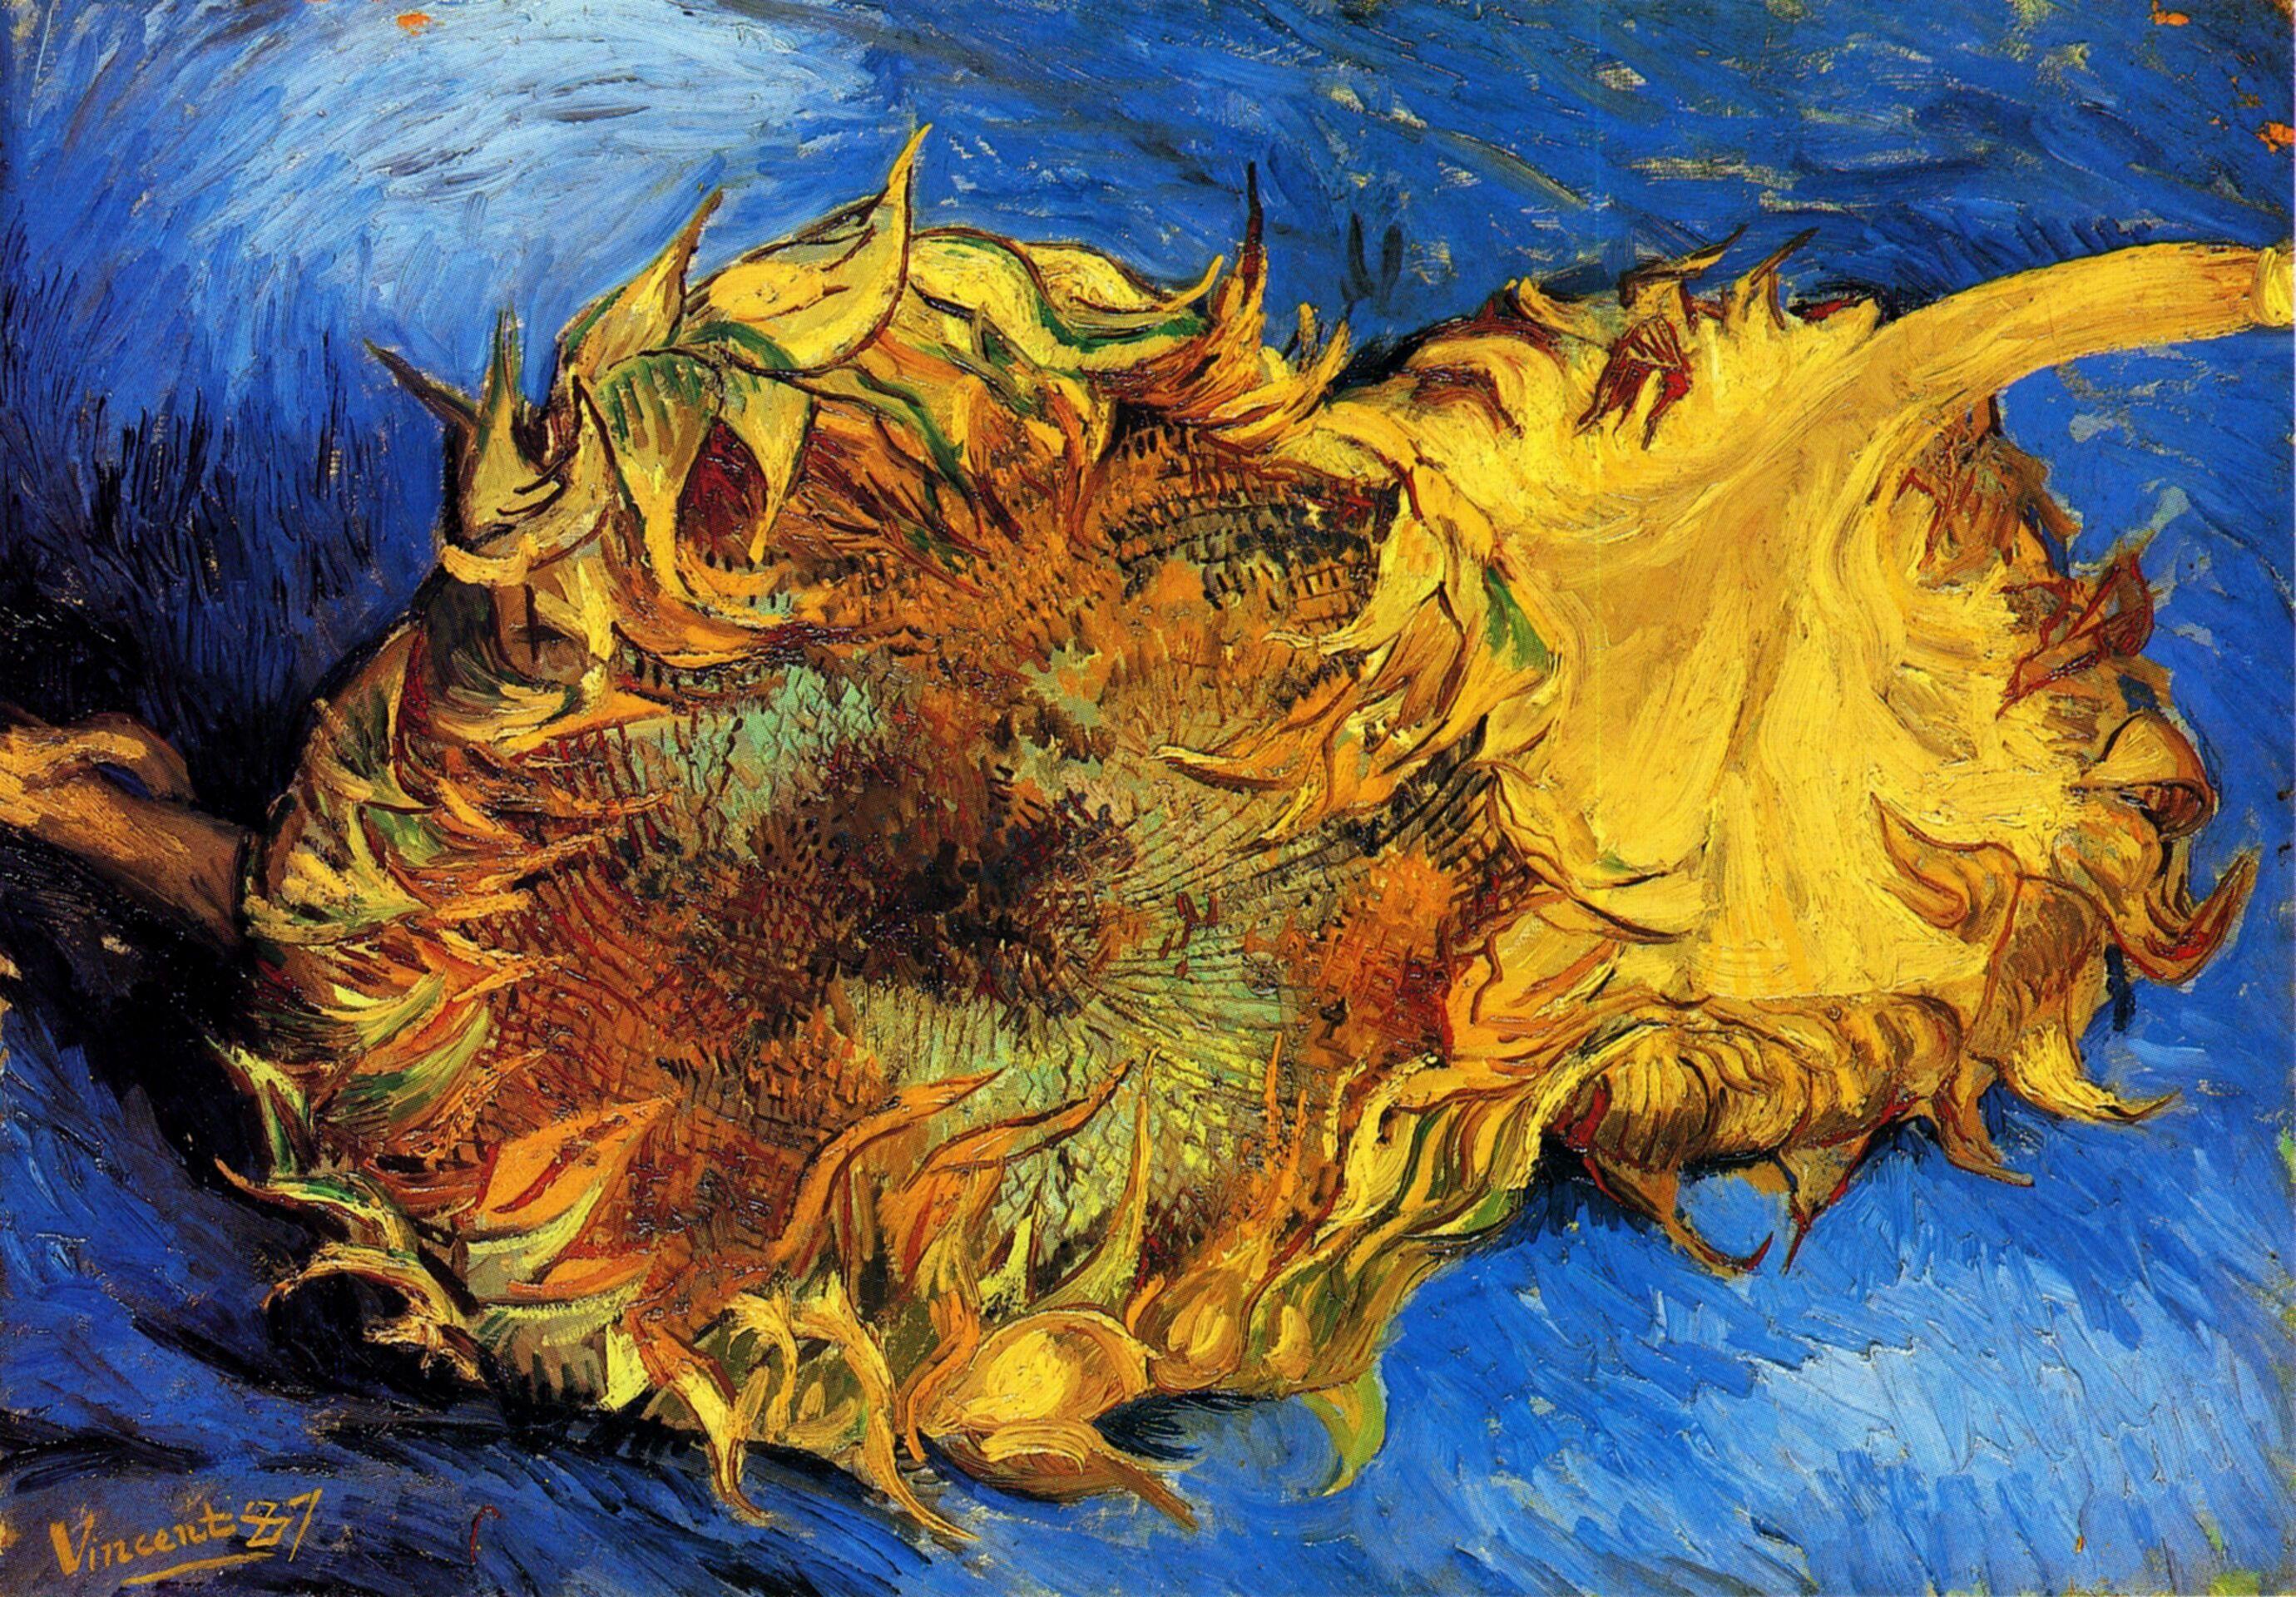 Винсент Ван Гог Vincent Van Gogh 2035 работ 187 Страница